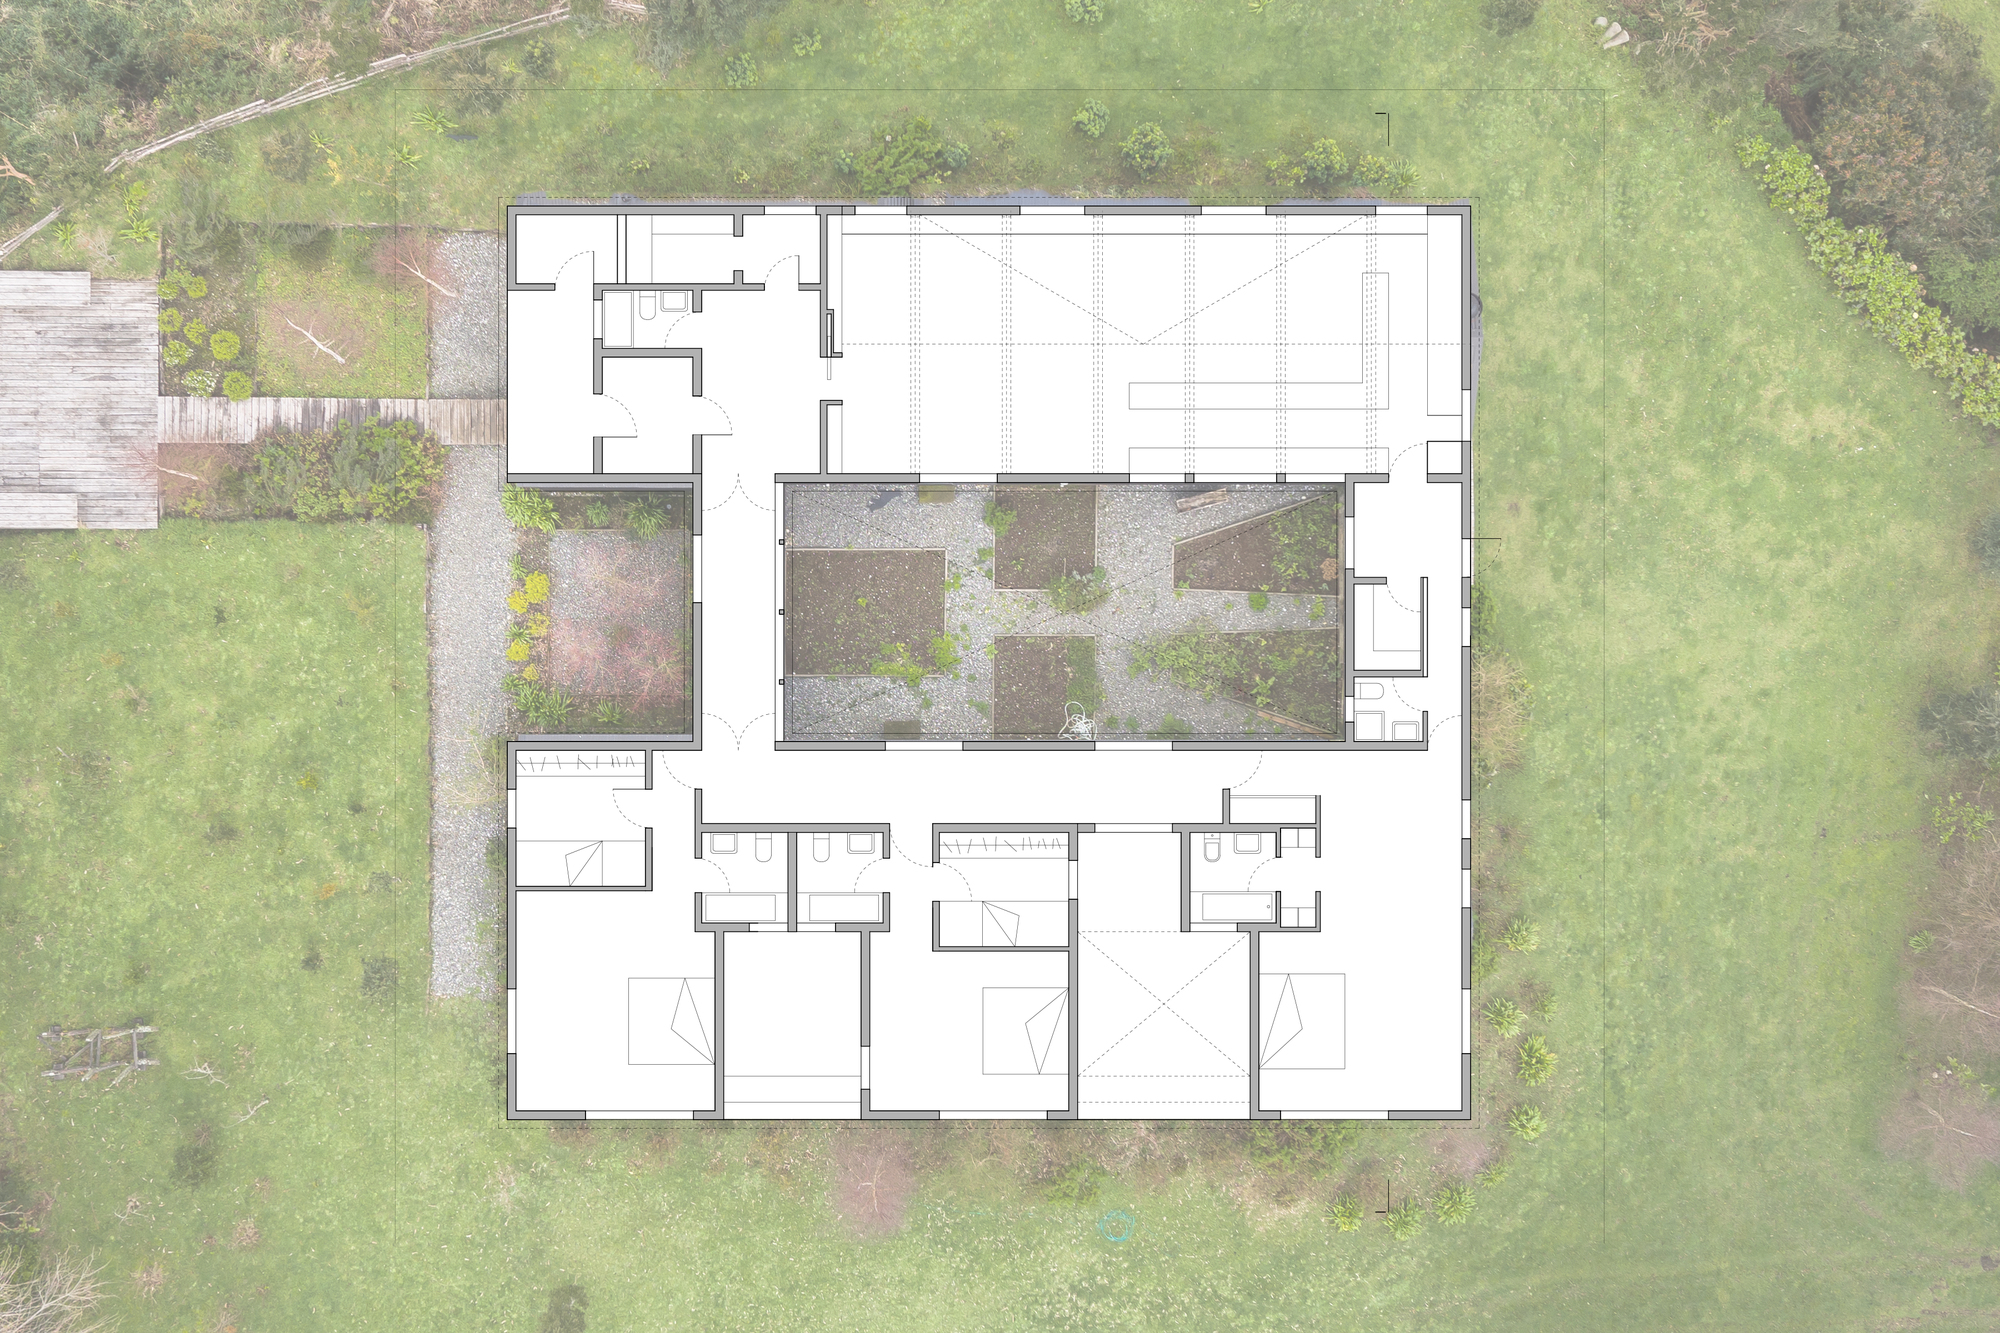 https://images.adsttc.com/media/images/5ec4/671f/b357/657a/0500/0225/large_jpg/Floor_Plan.jpg